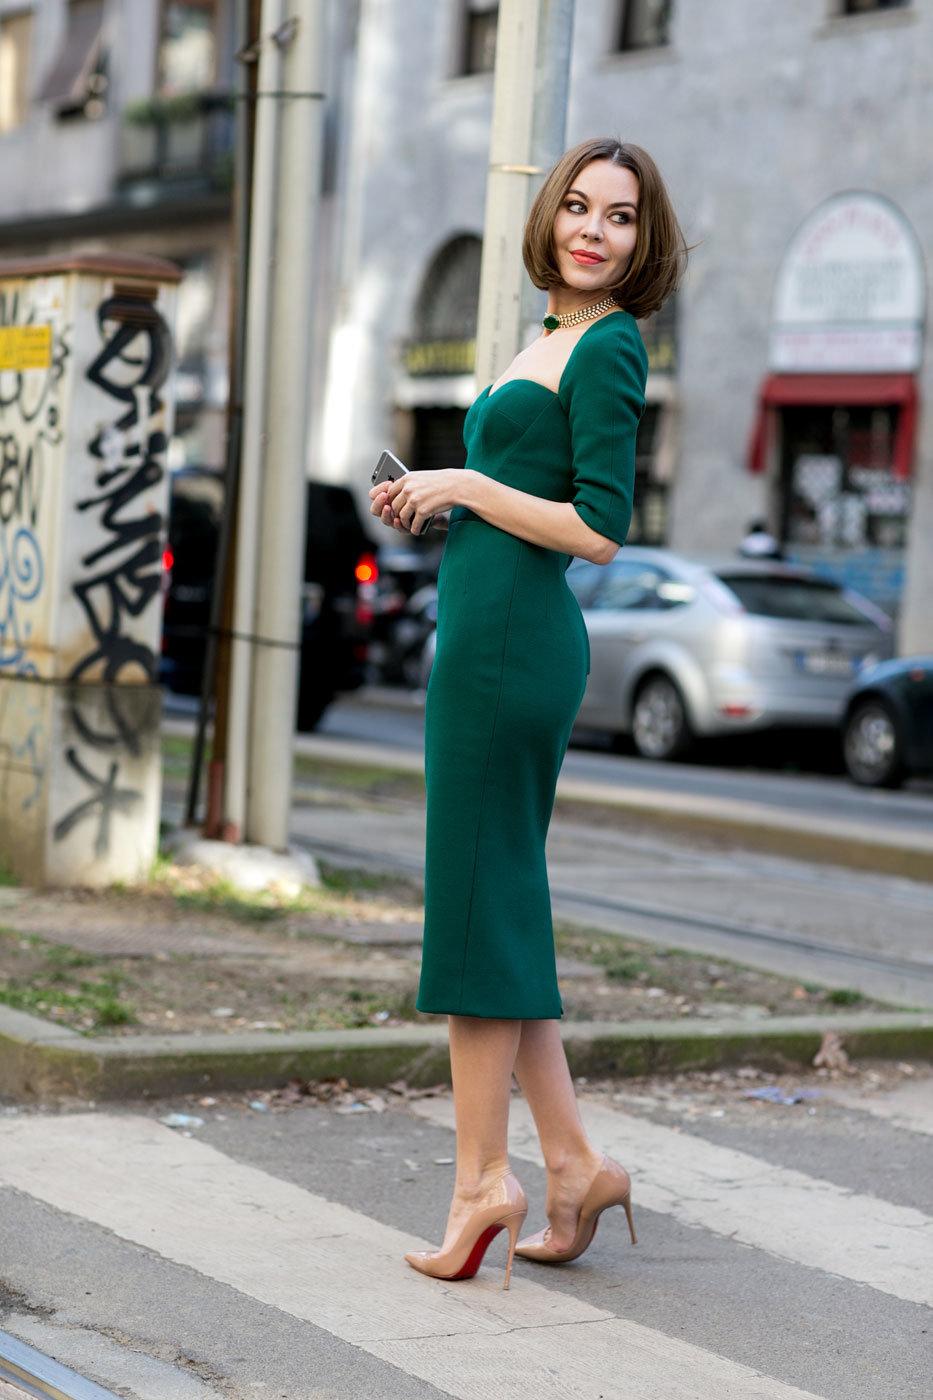 меня начиналось образ в зеленом платье фото кадрам